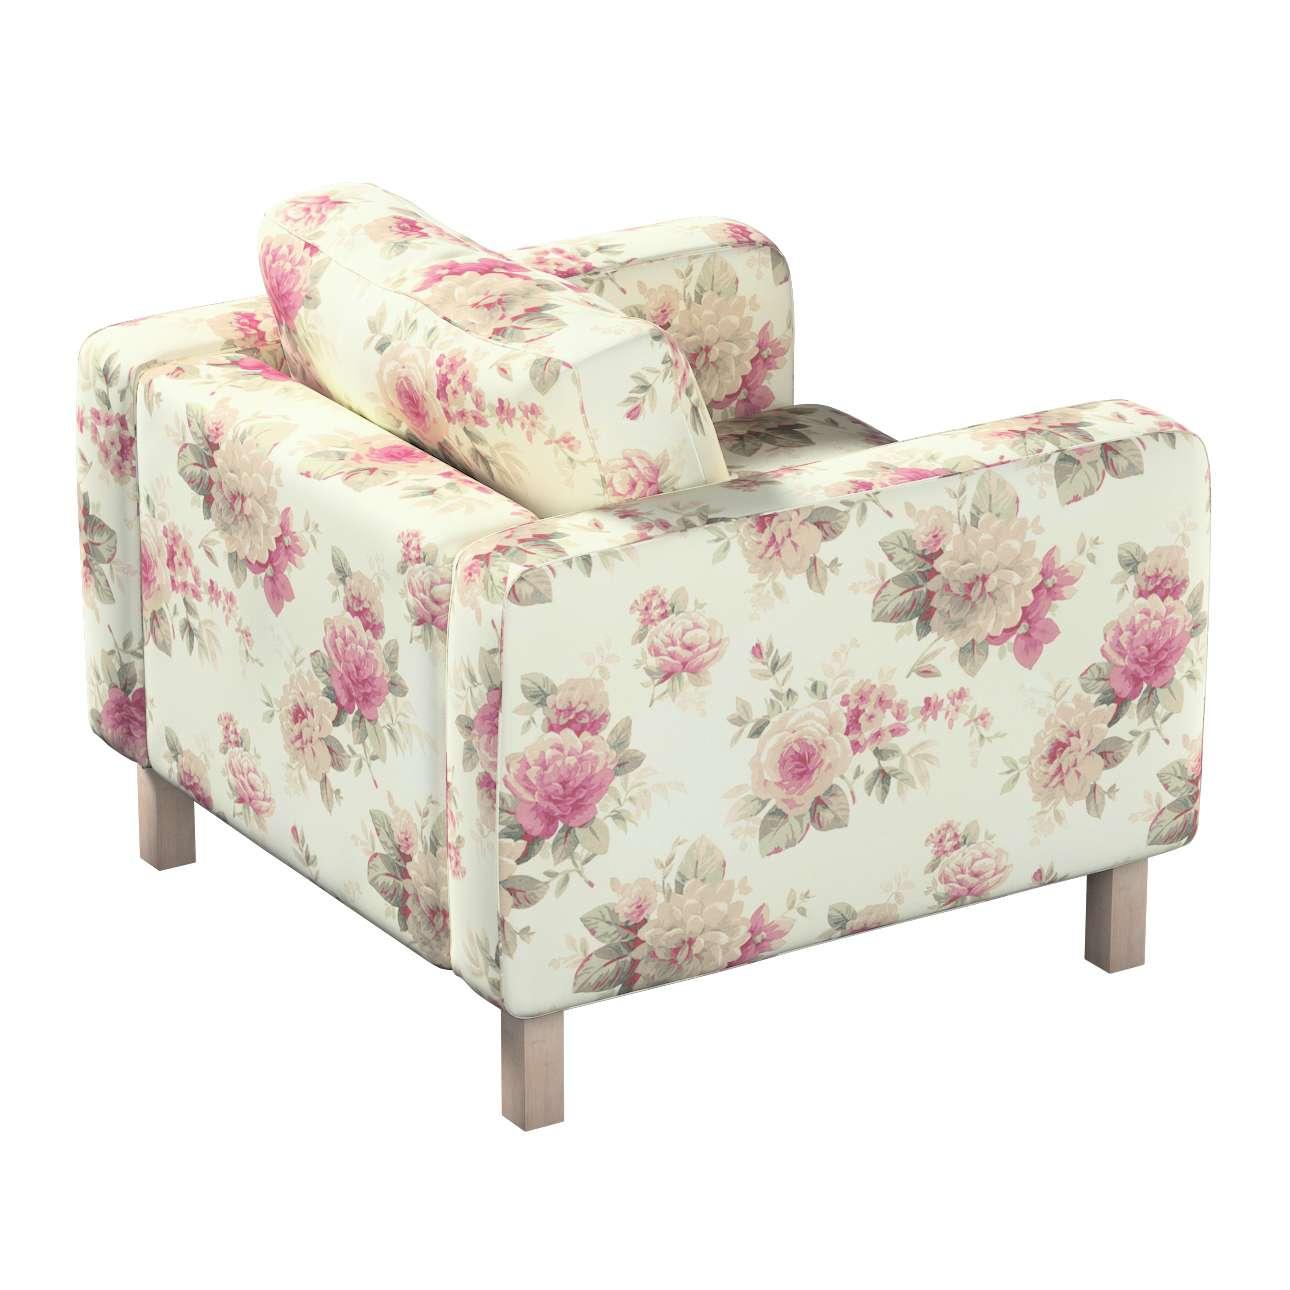 Pokrowiec na fotel Karlstad, krótki w kolekcji Londres, tkanina: 141-07